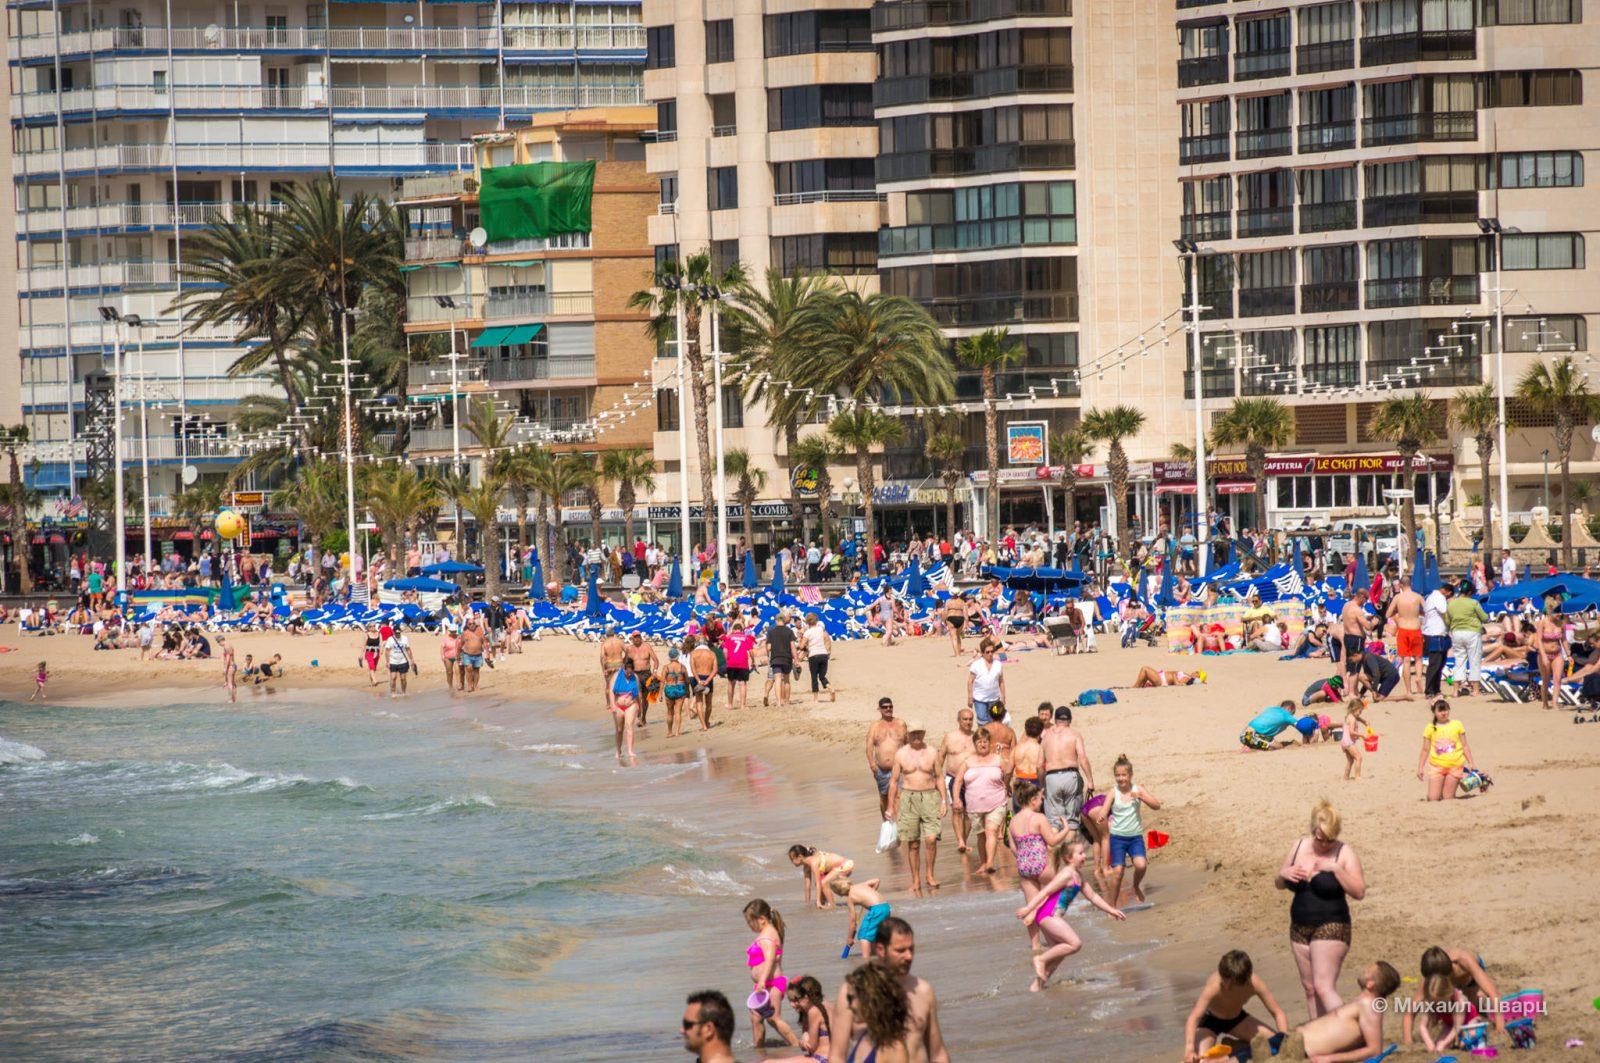 Народу на пляже дофига